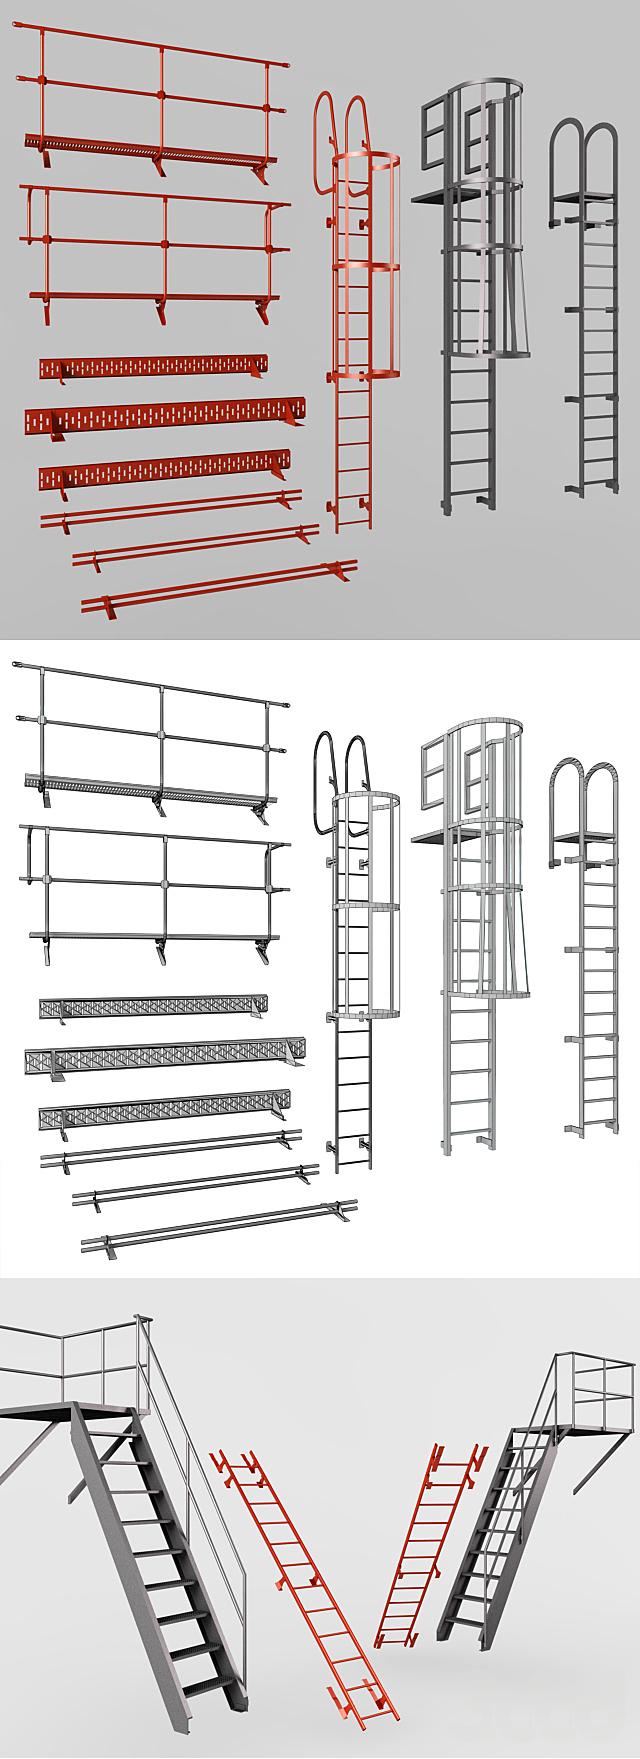 Элементы пожарной безопасности / Fire Safety Elements